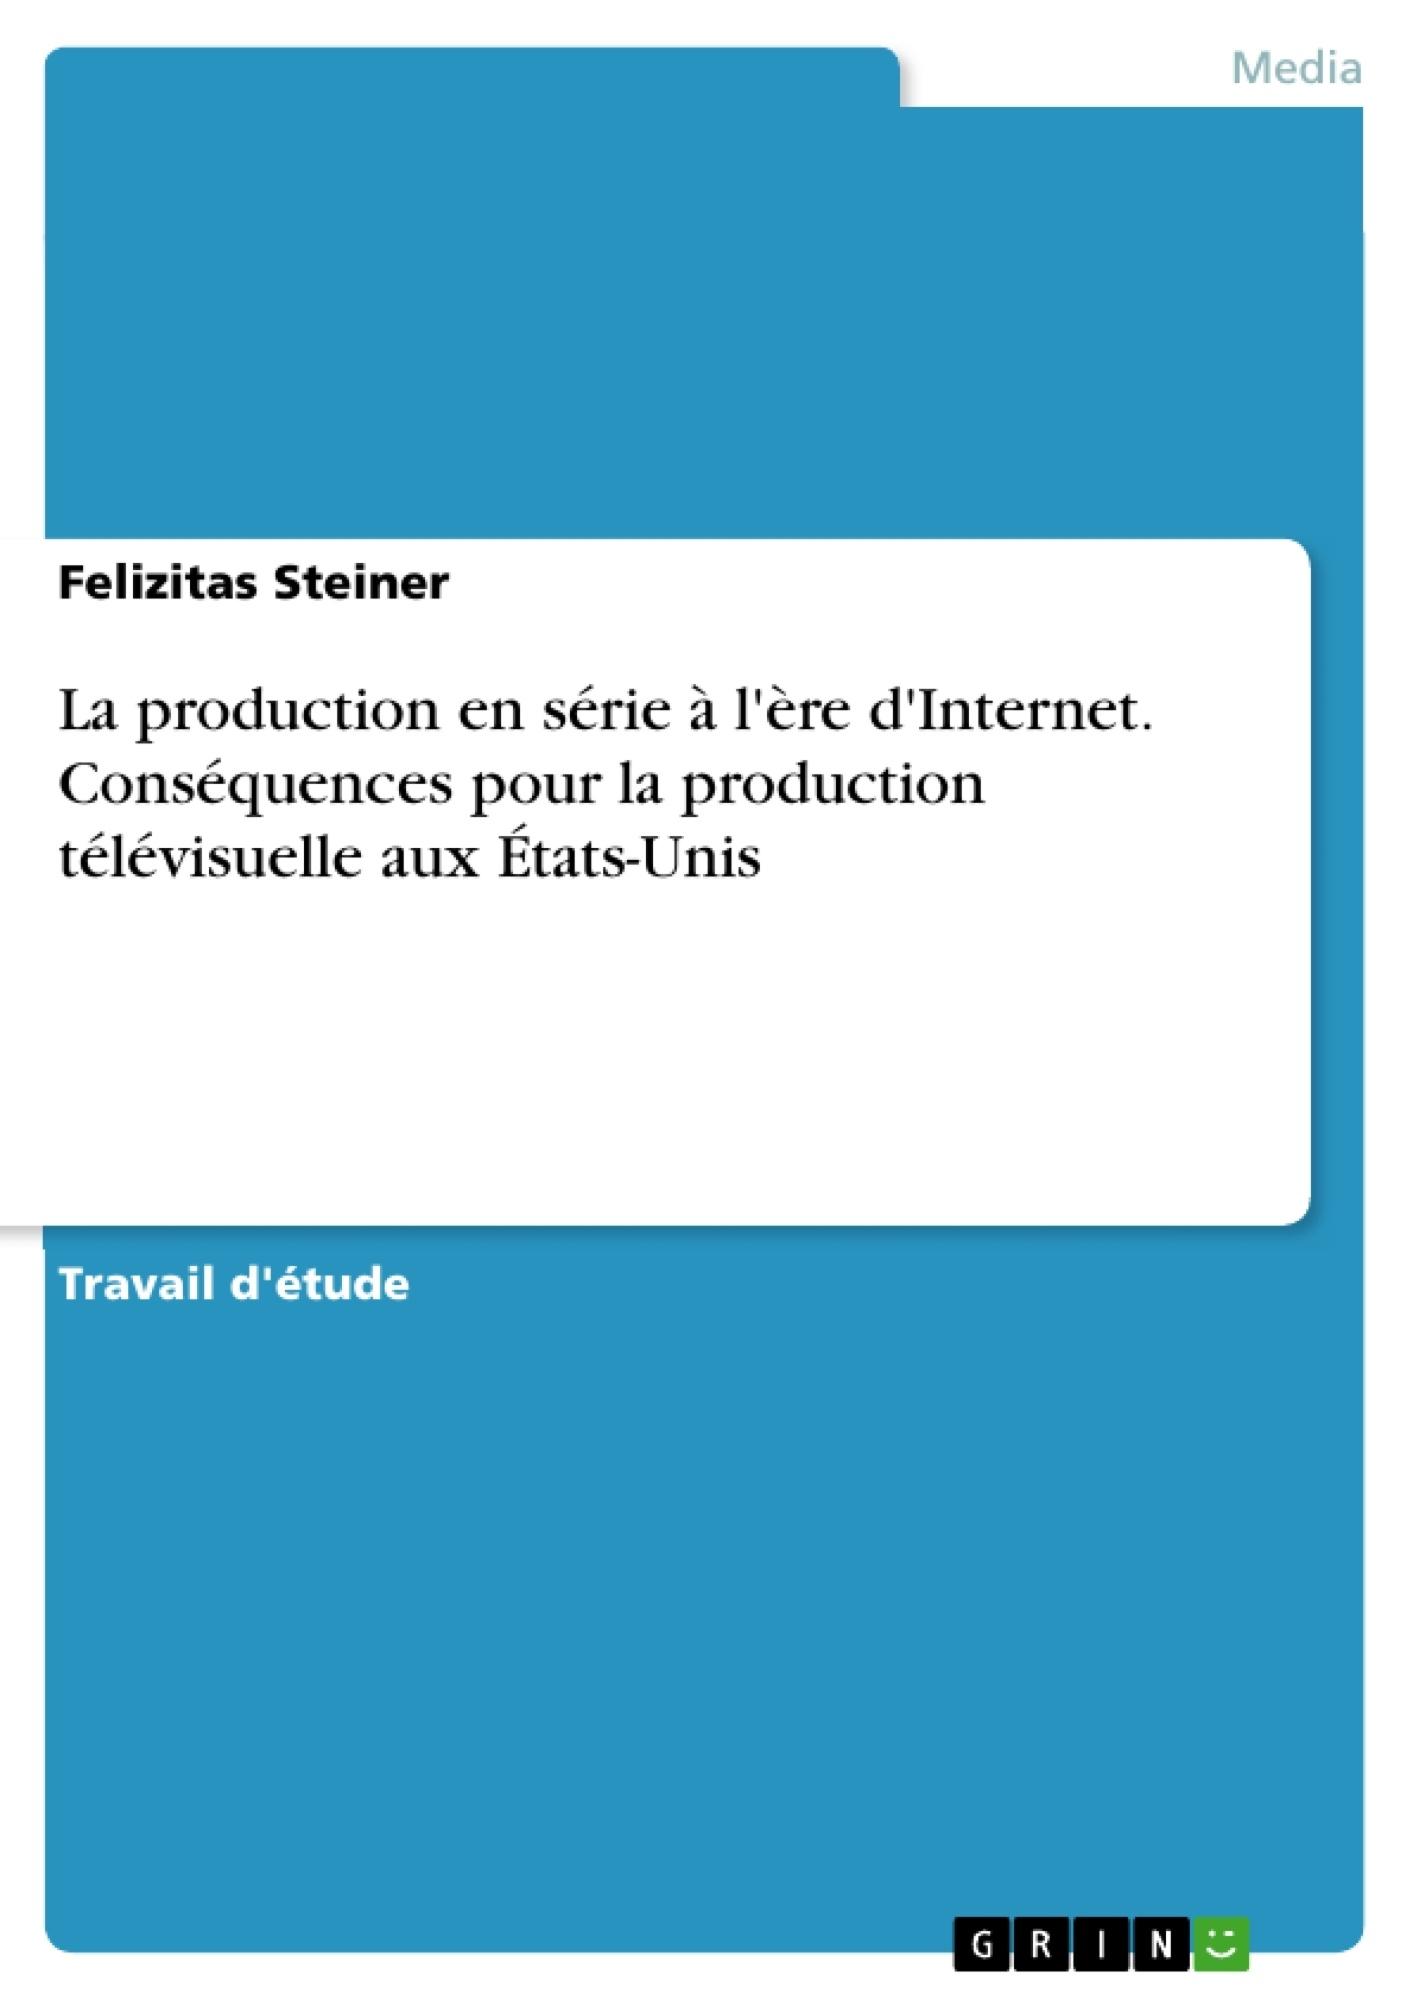 Titre: La production en série à l'ère d'Internet. Conséquences pour la production télévisuelle aux États-Unis